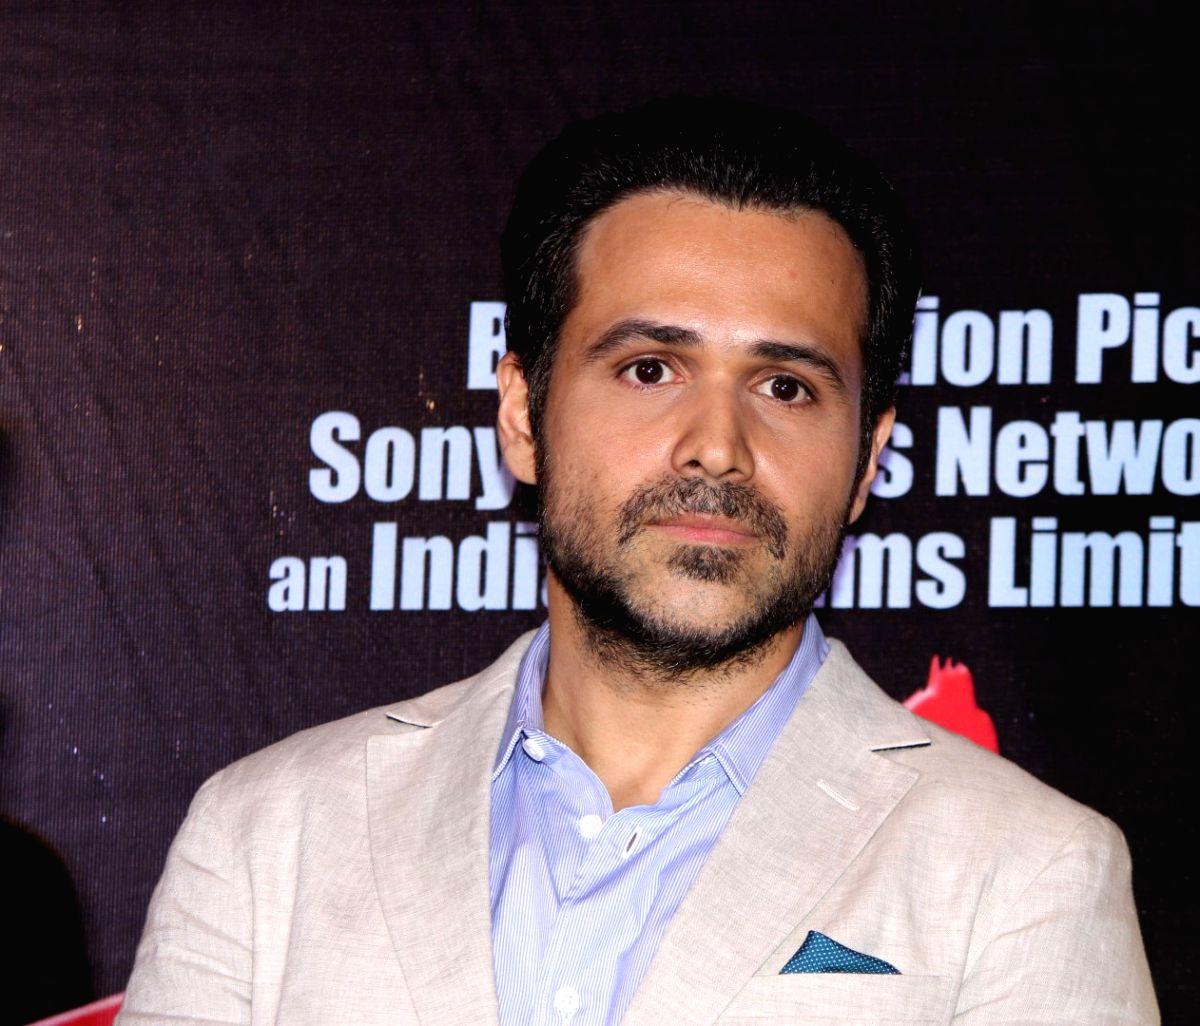 Actor Emraan Hashmi. (Image Source: IANS)